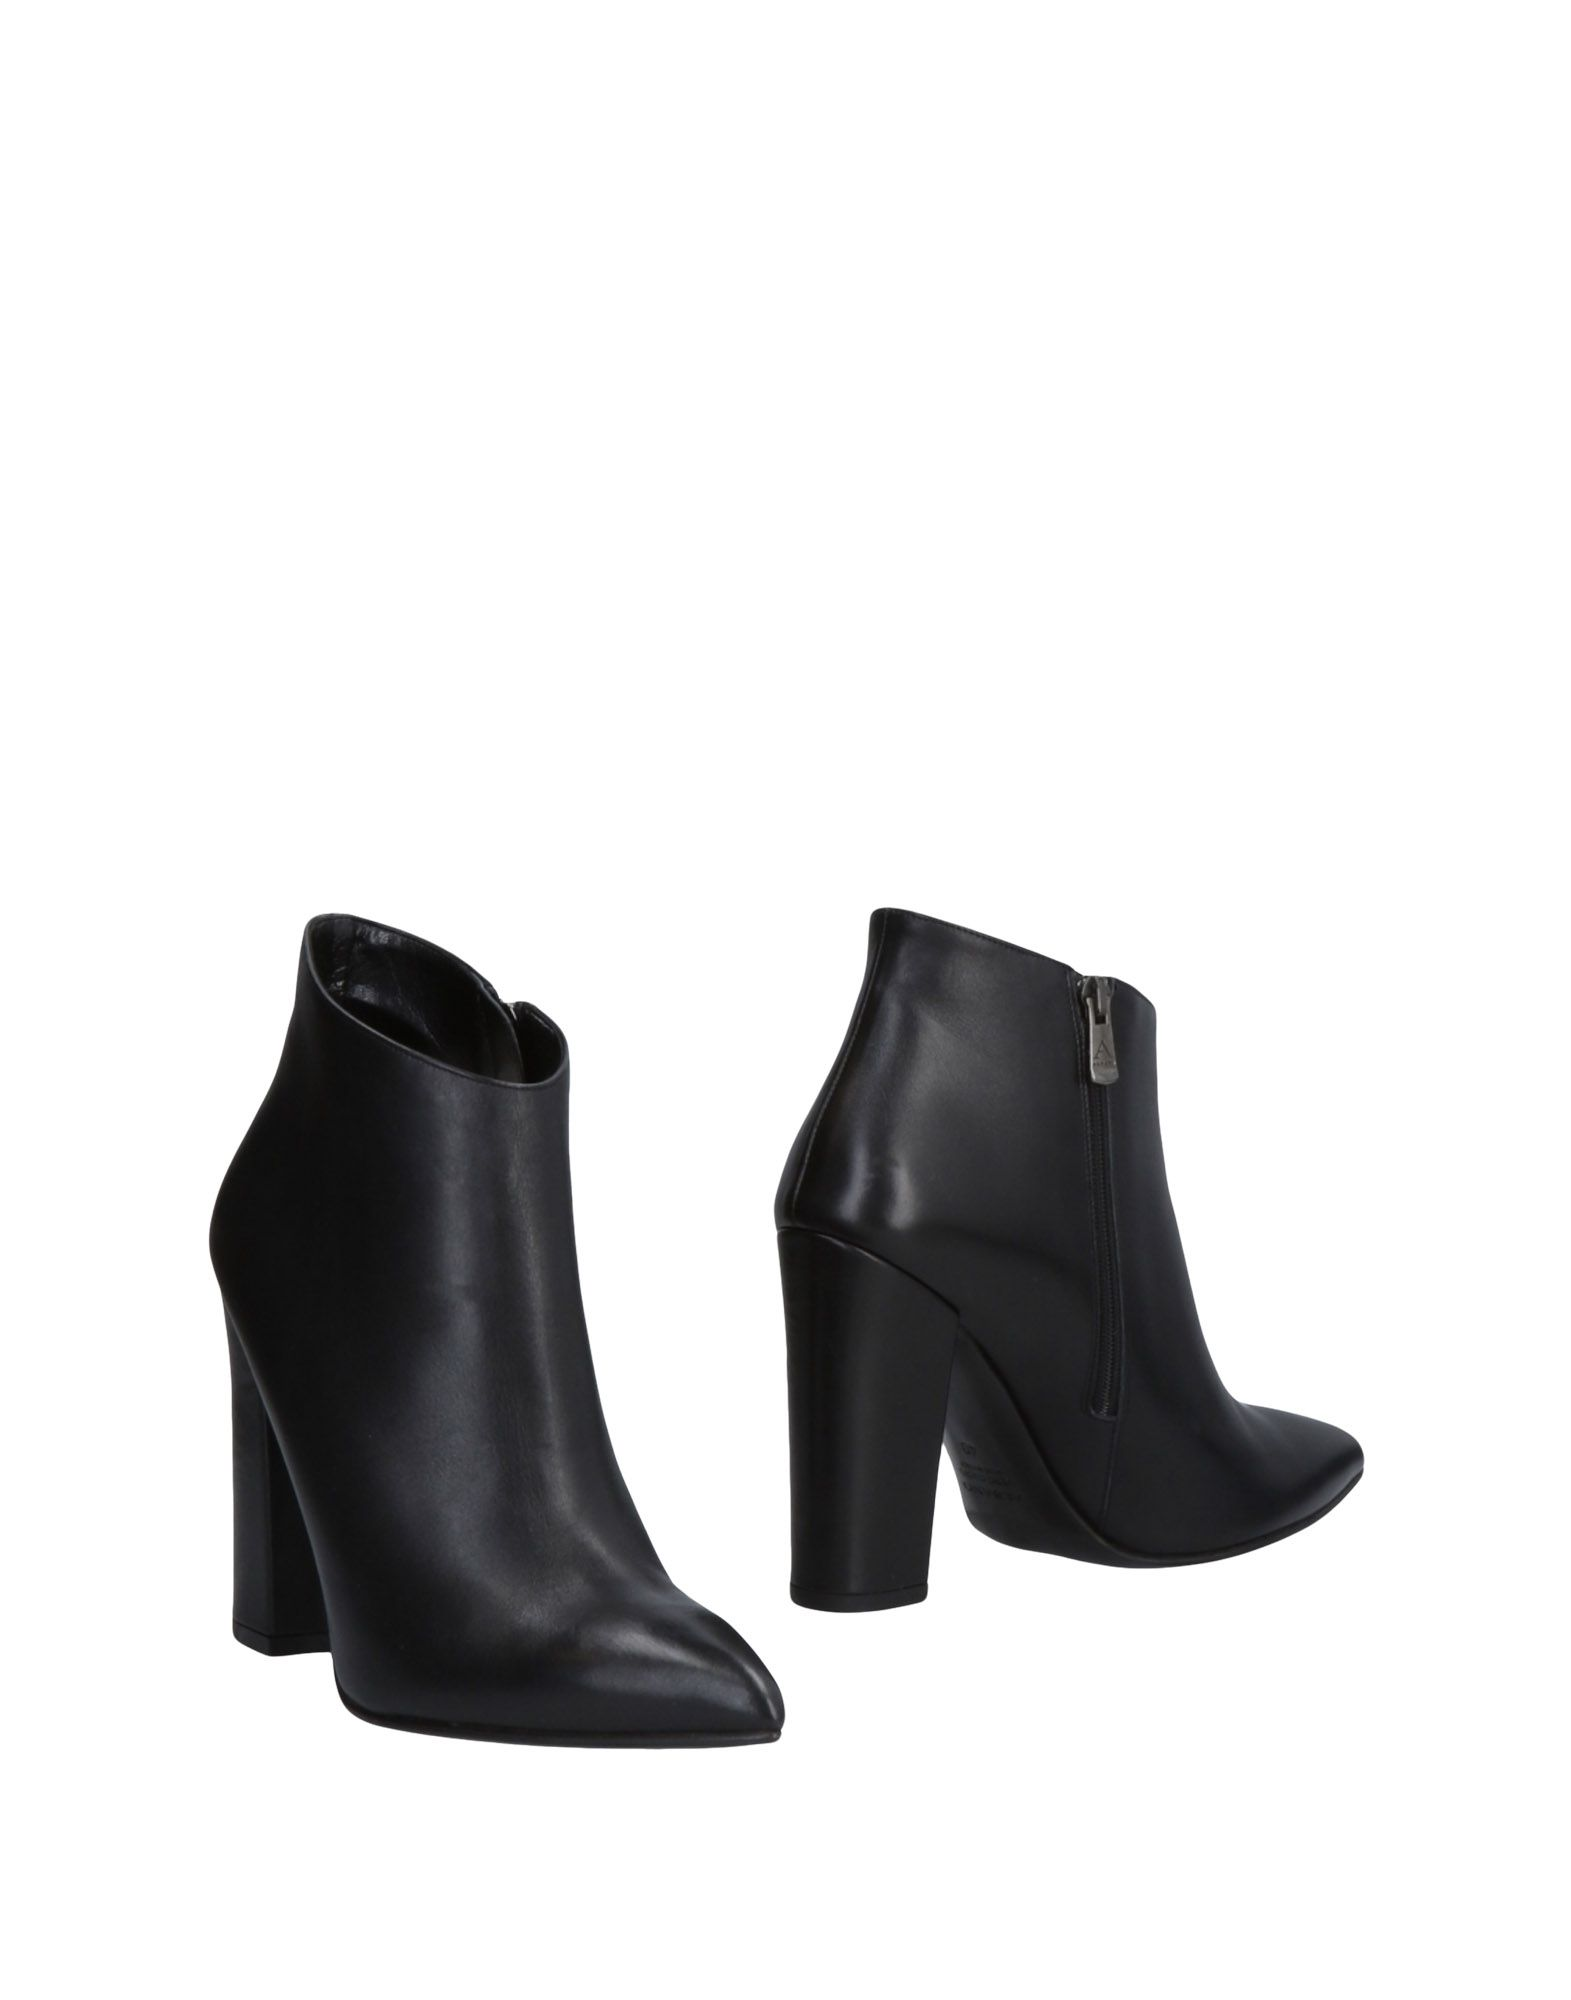 Albano Stiefelette Damen  11468048GT Gute Qualität beliebte Schuhe